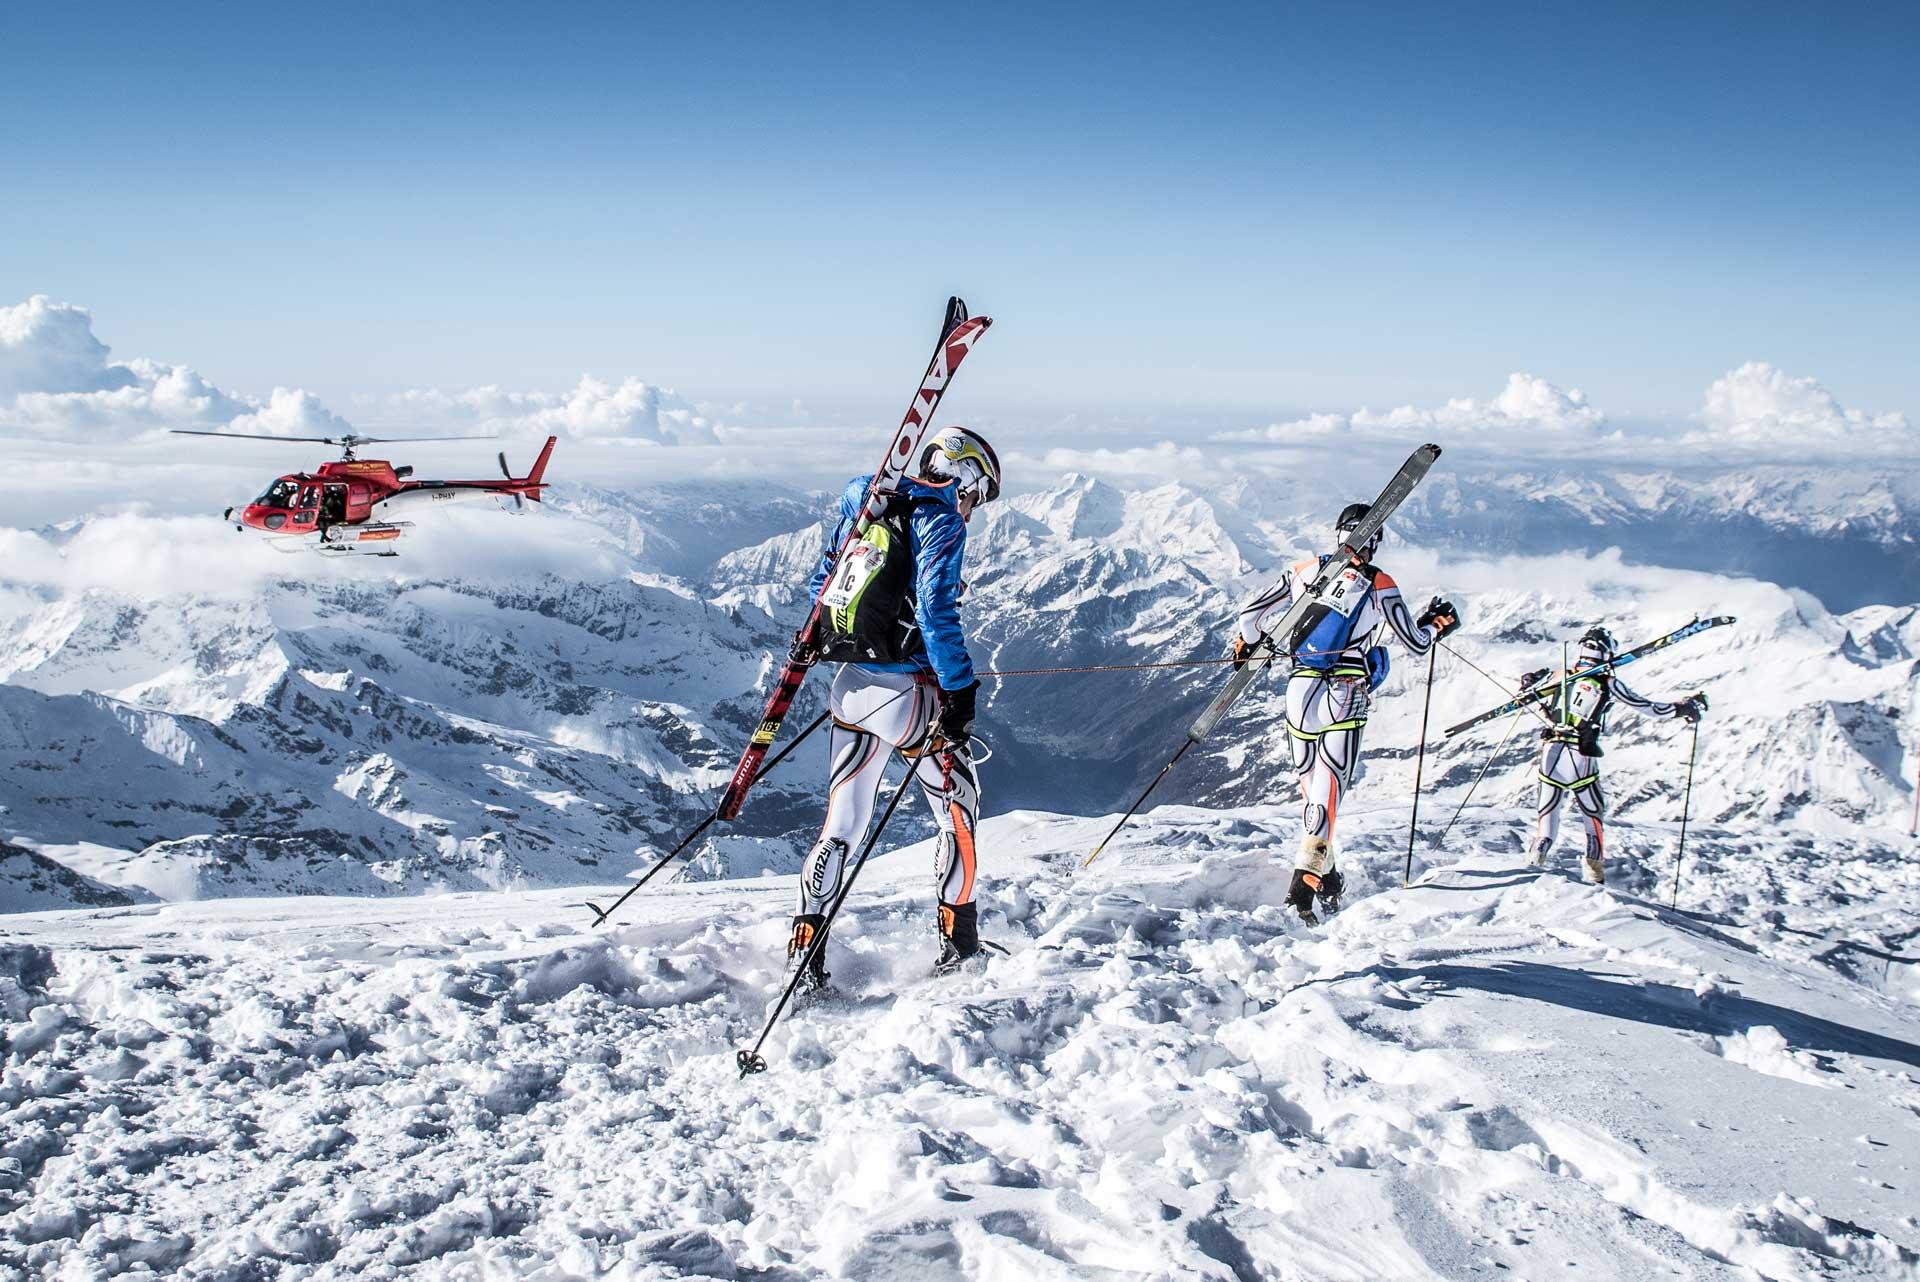 Misurina Ski mountaineering